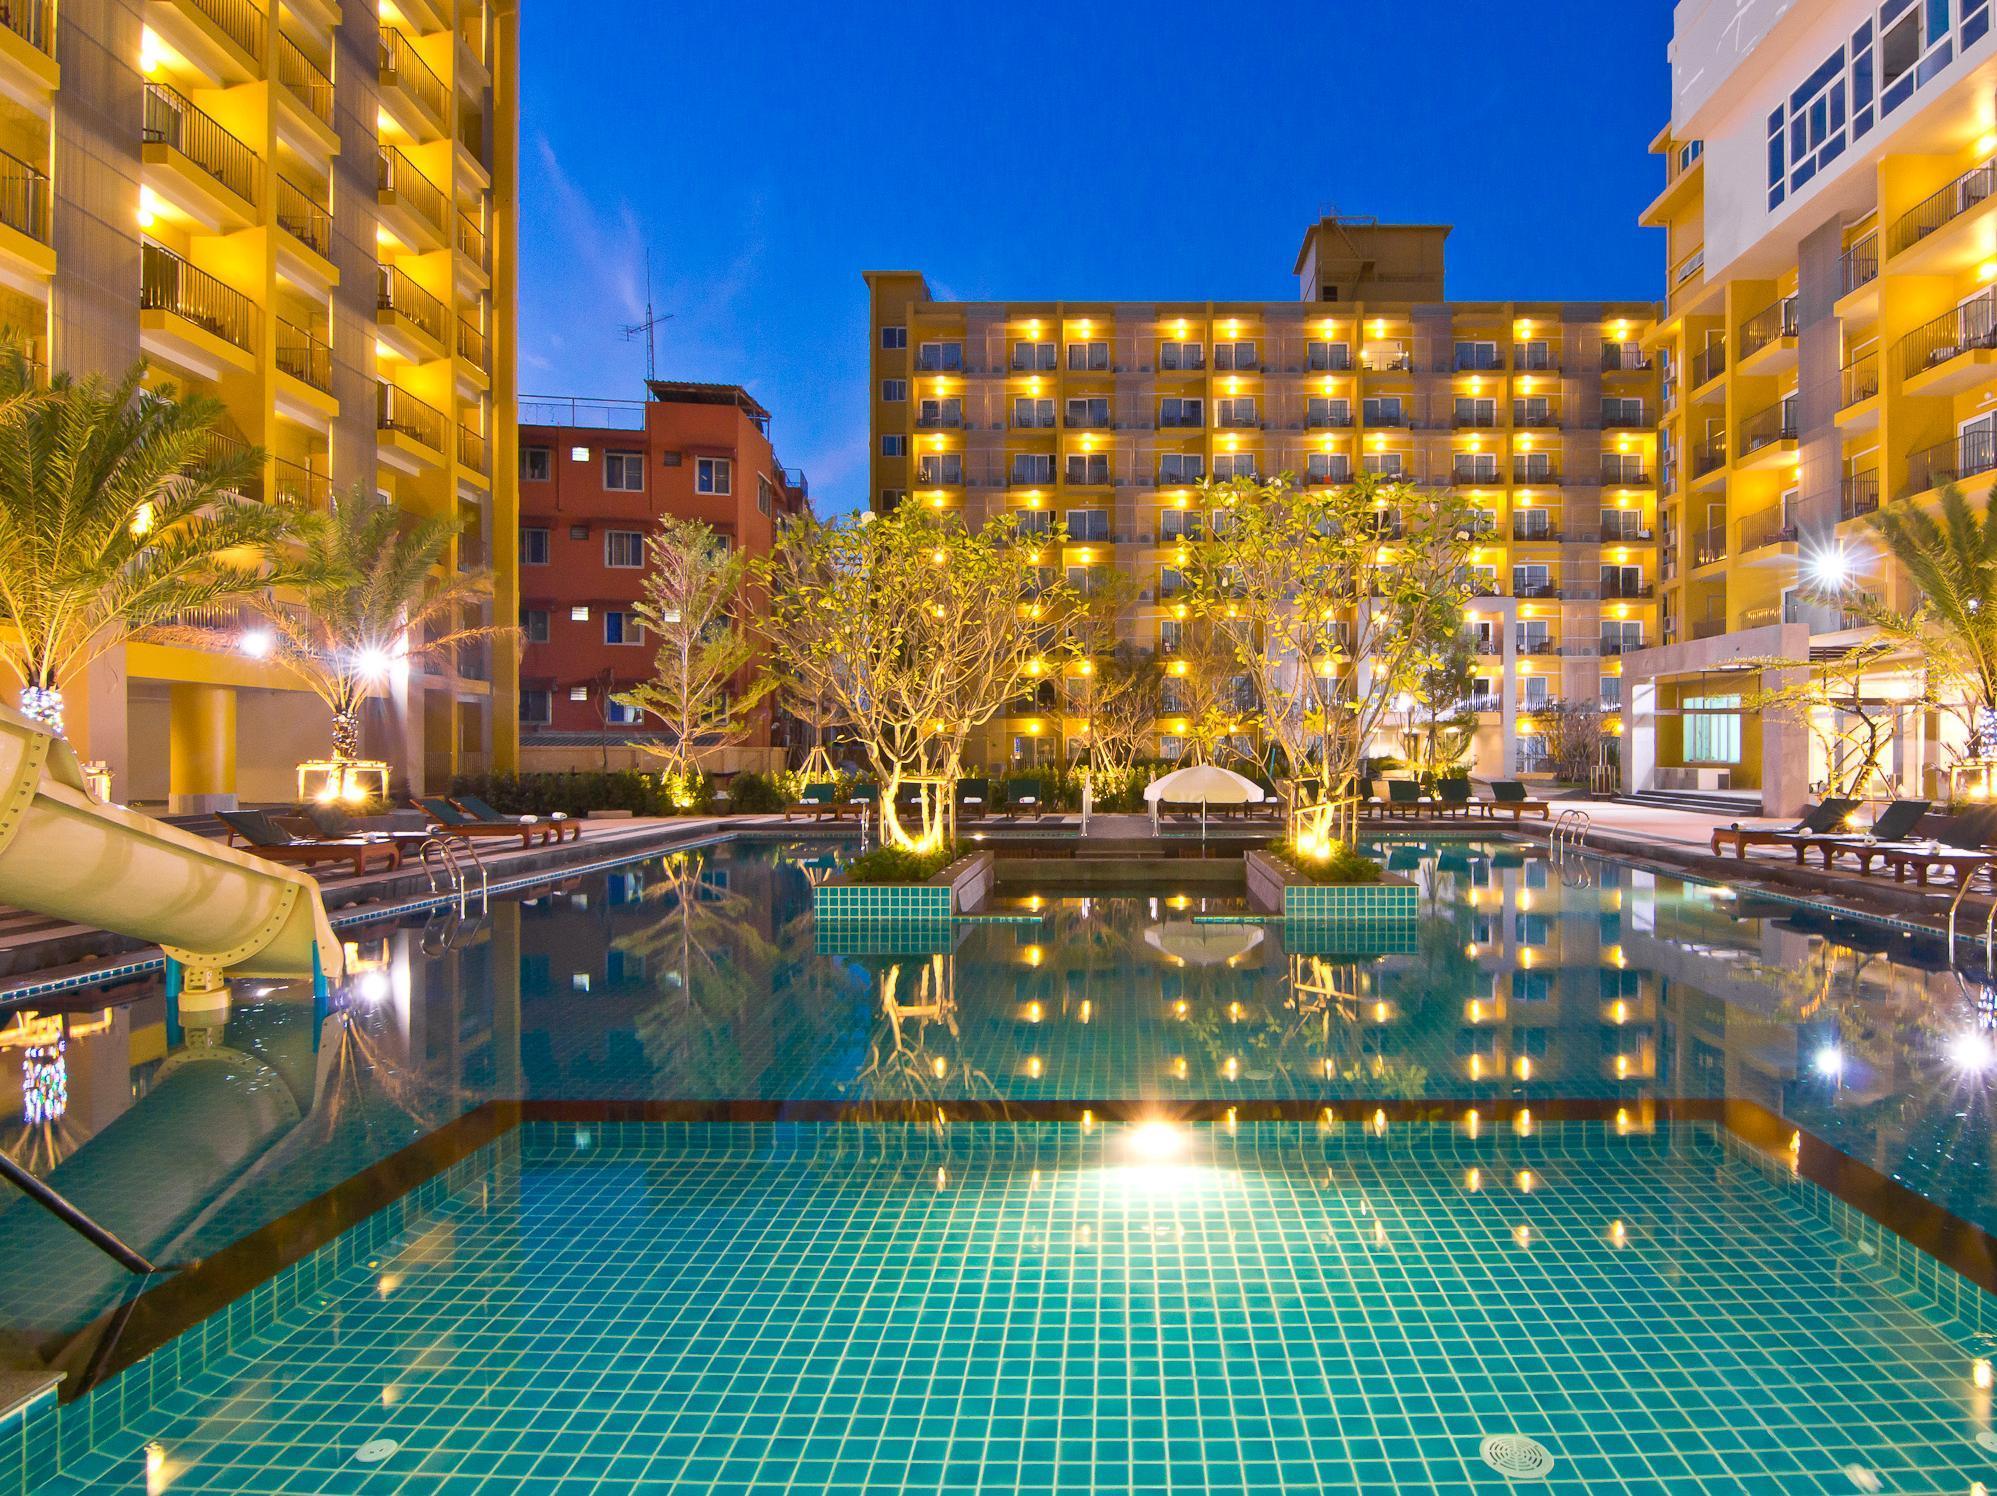 โรงแรมเบลลา เอ็กซ์เพรส